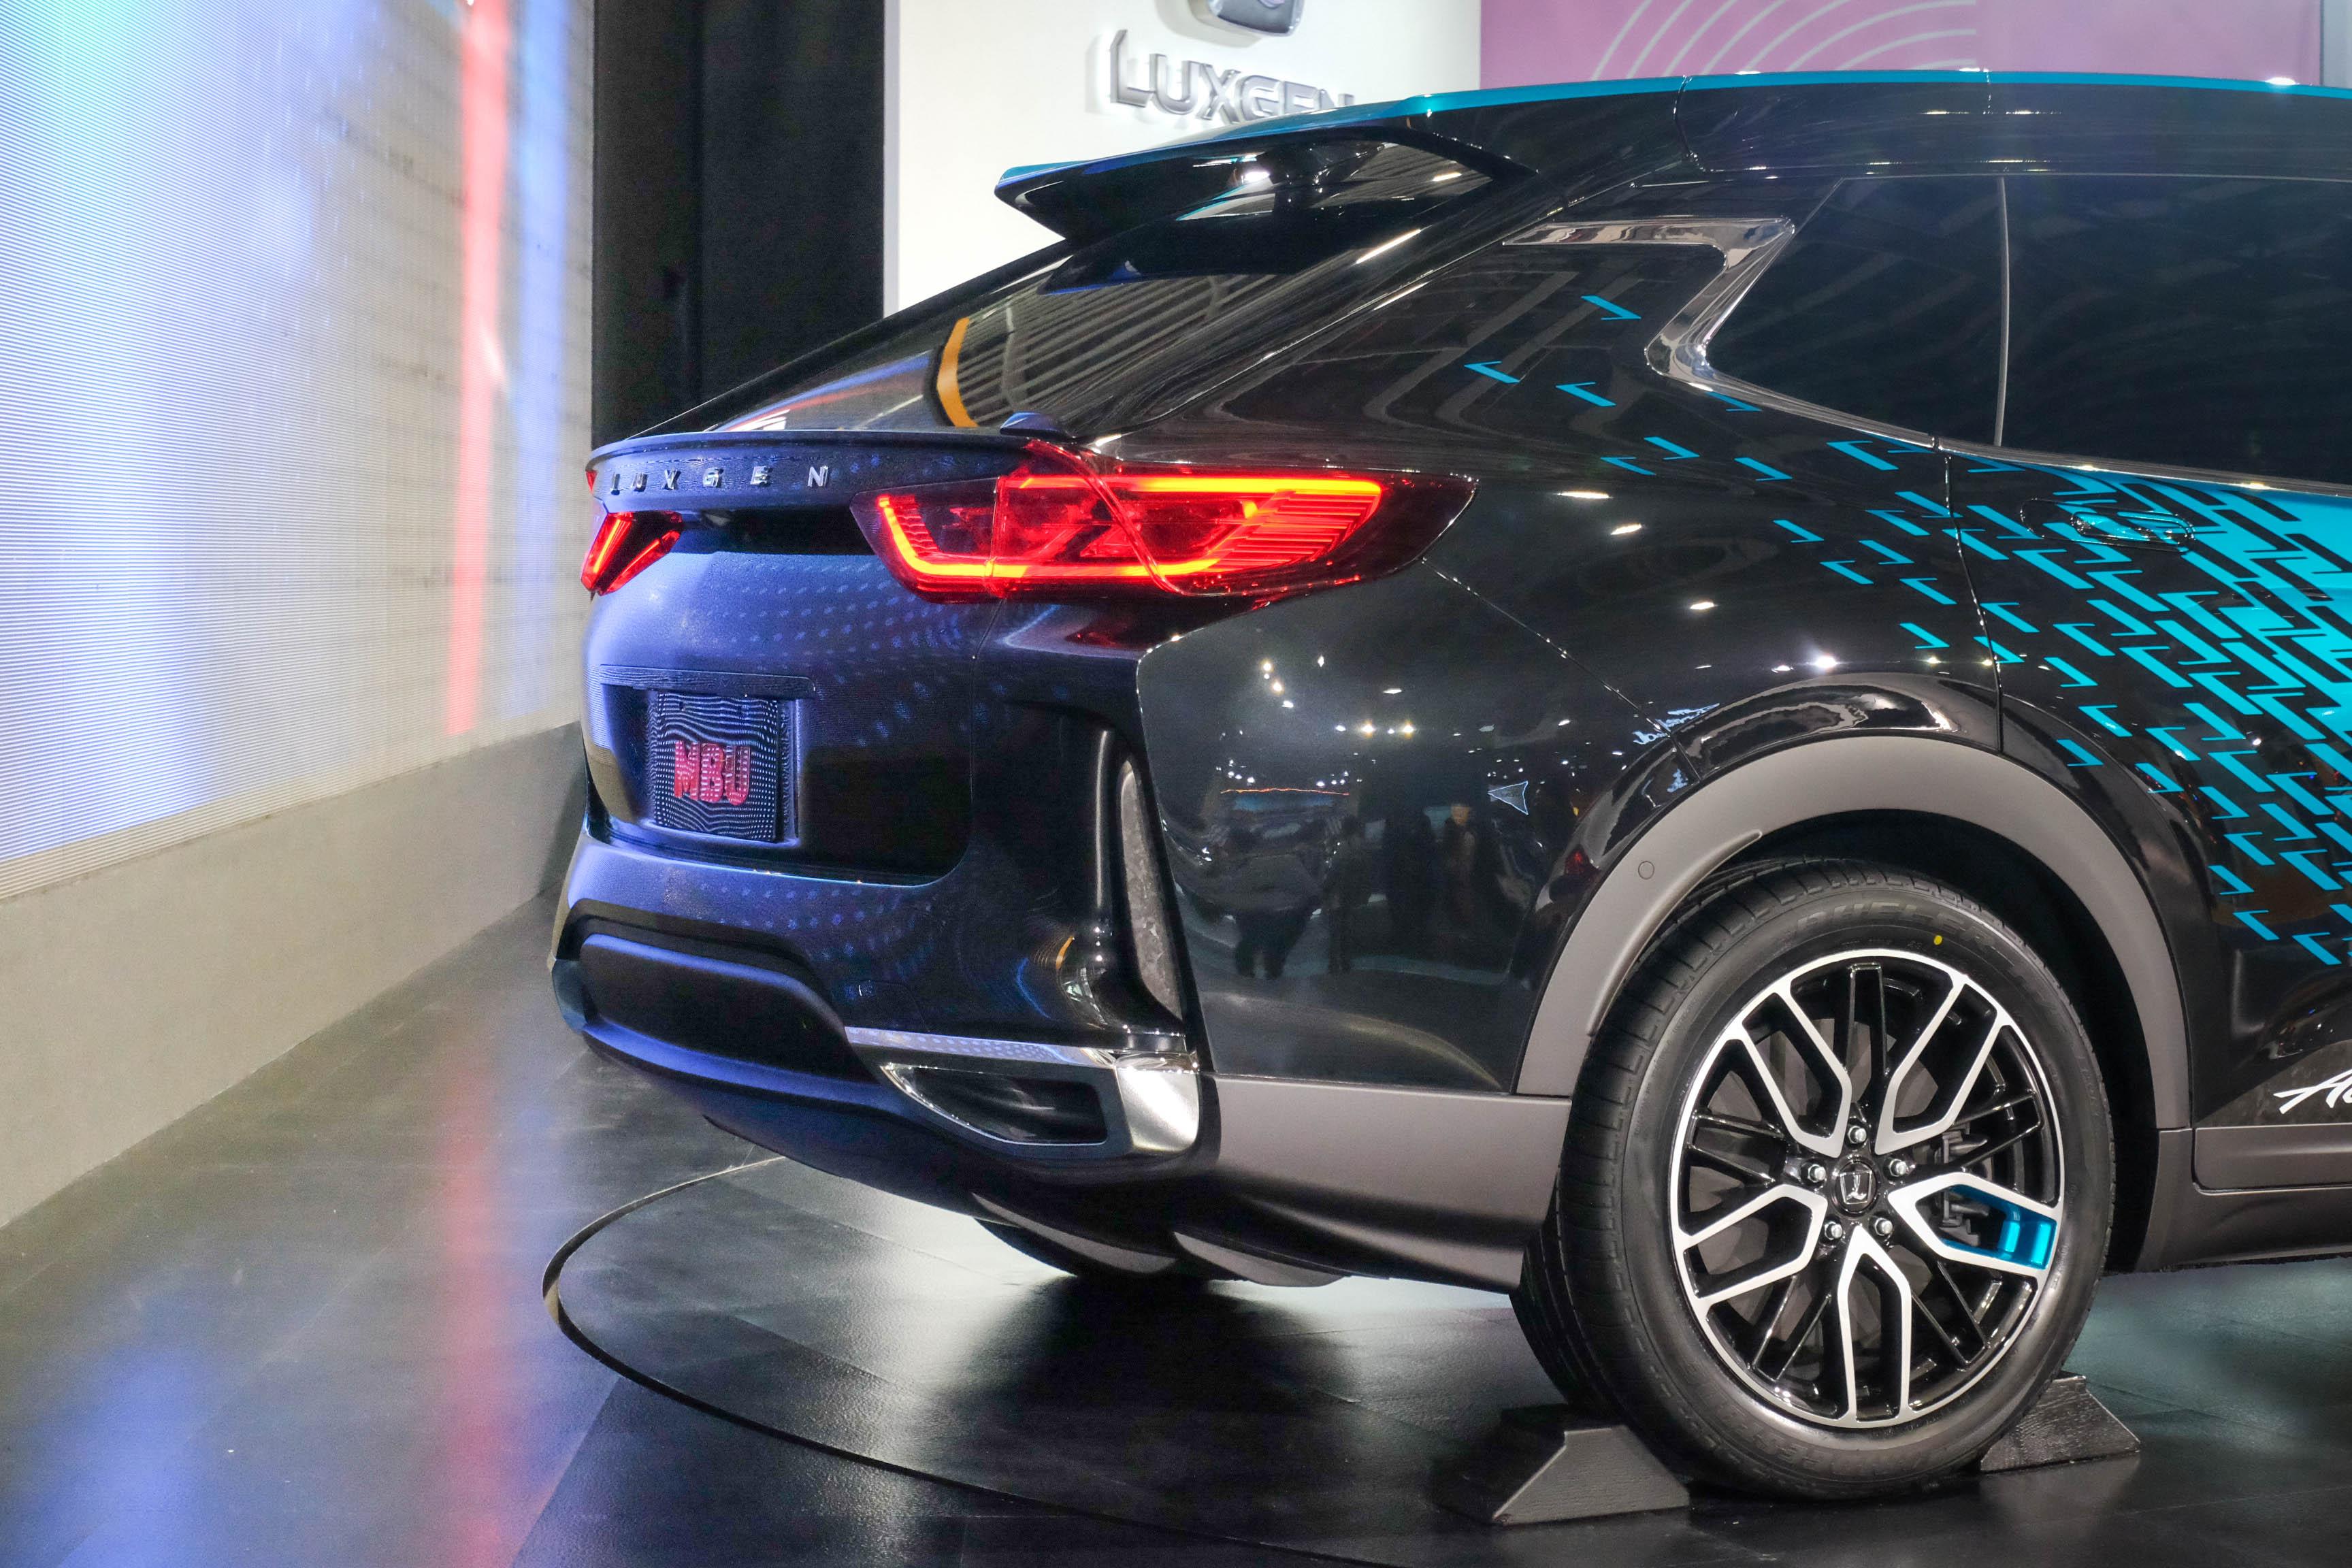 2020世界新車大展。LUXGEN 300匹馬力概念跑旅「MBU」亮相! URX上市熱銷,購車優惠全面大放送。 | SUPERMOTO8